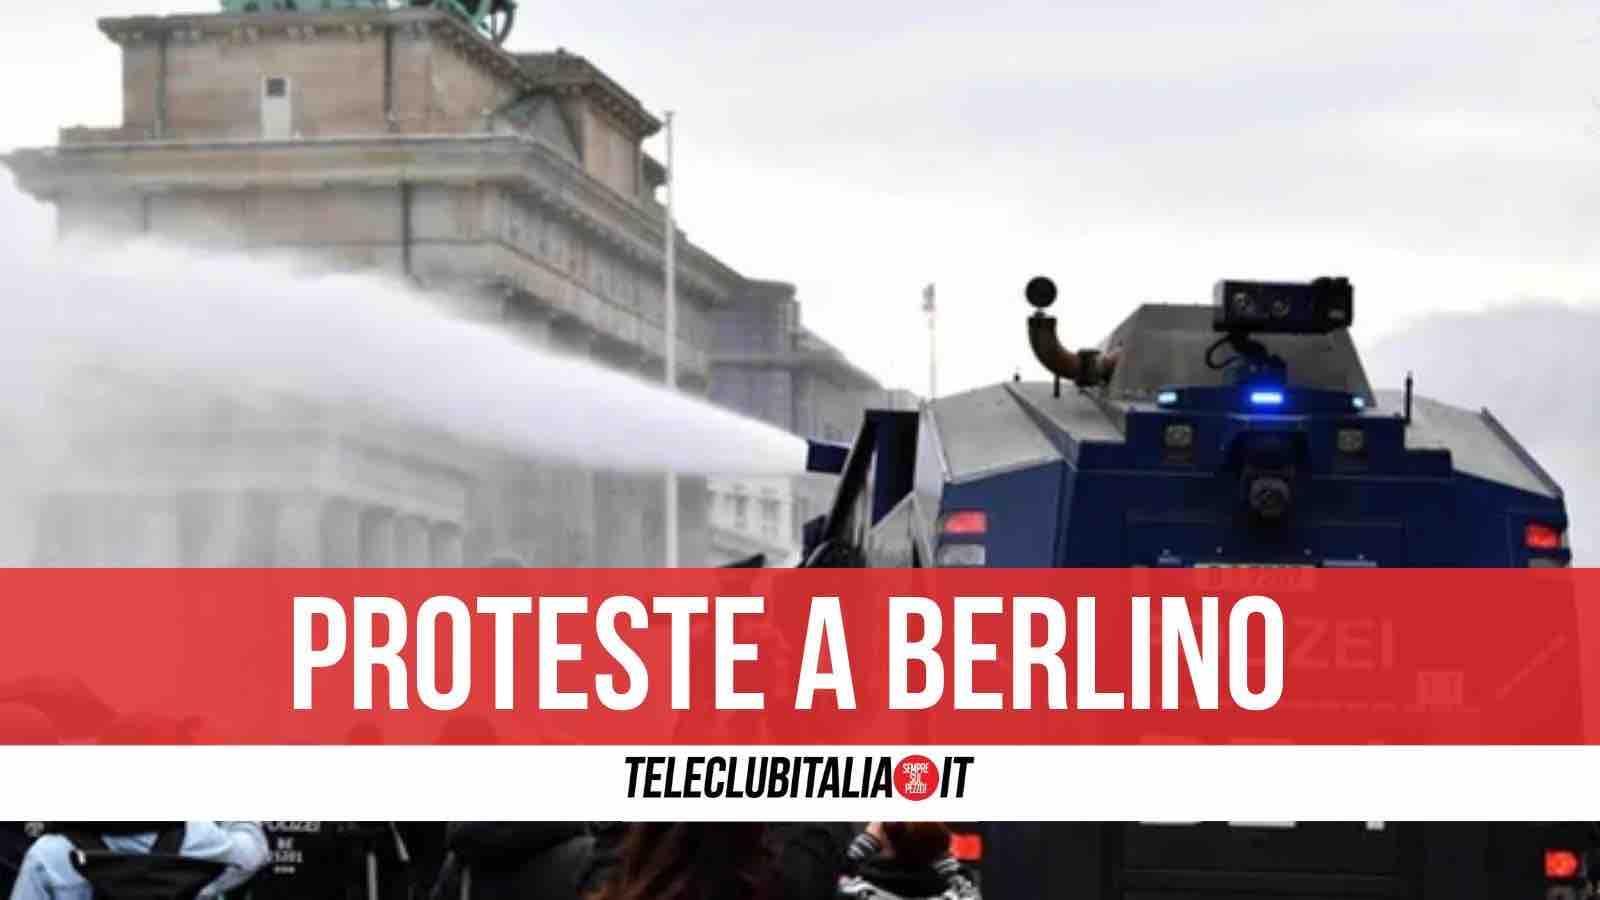 berlino proteste